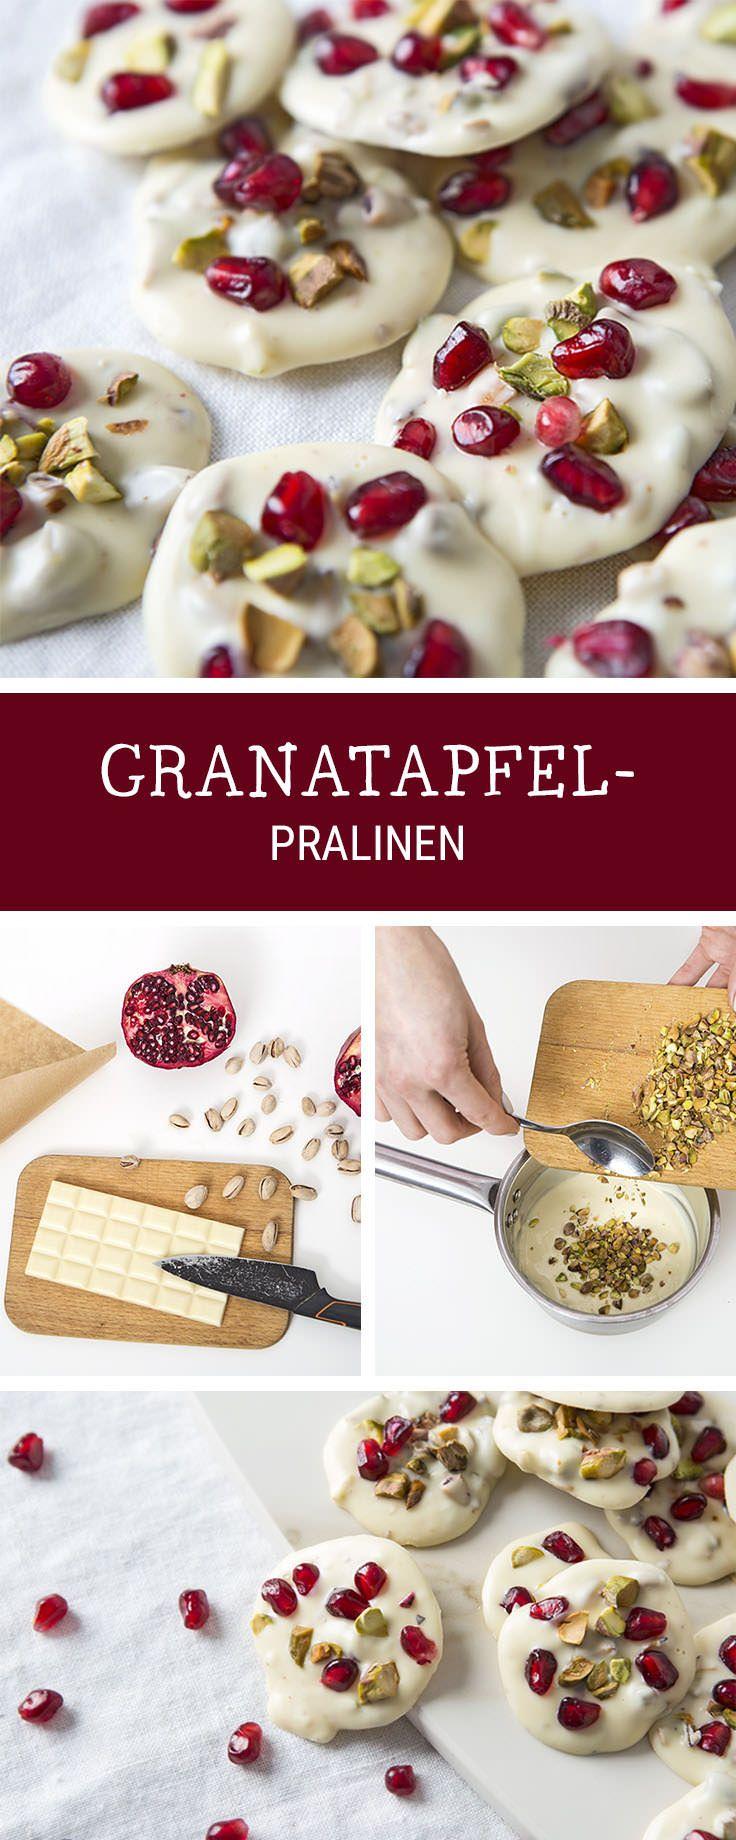 Süßes Rezept für Pralinen aus weißer Schokolade und Granatäpfeln / recipe for white chocolate pralines with pomegranate via DaWanda.com